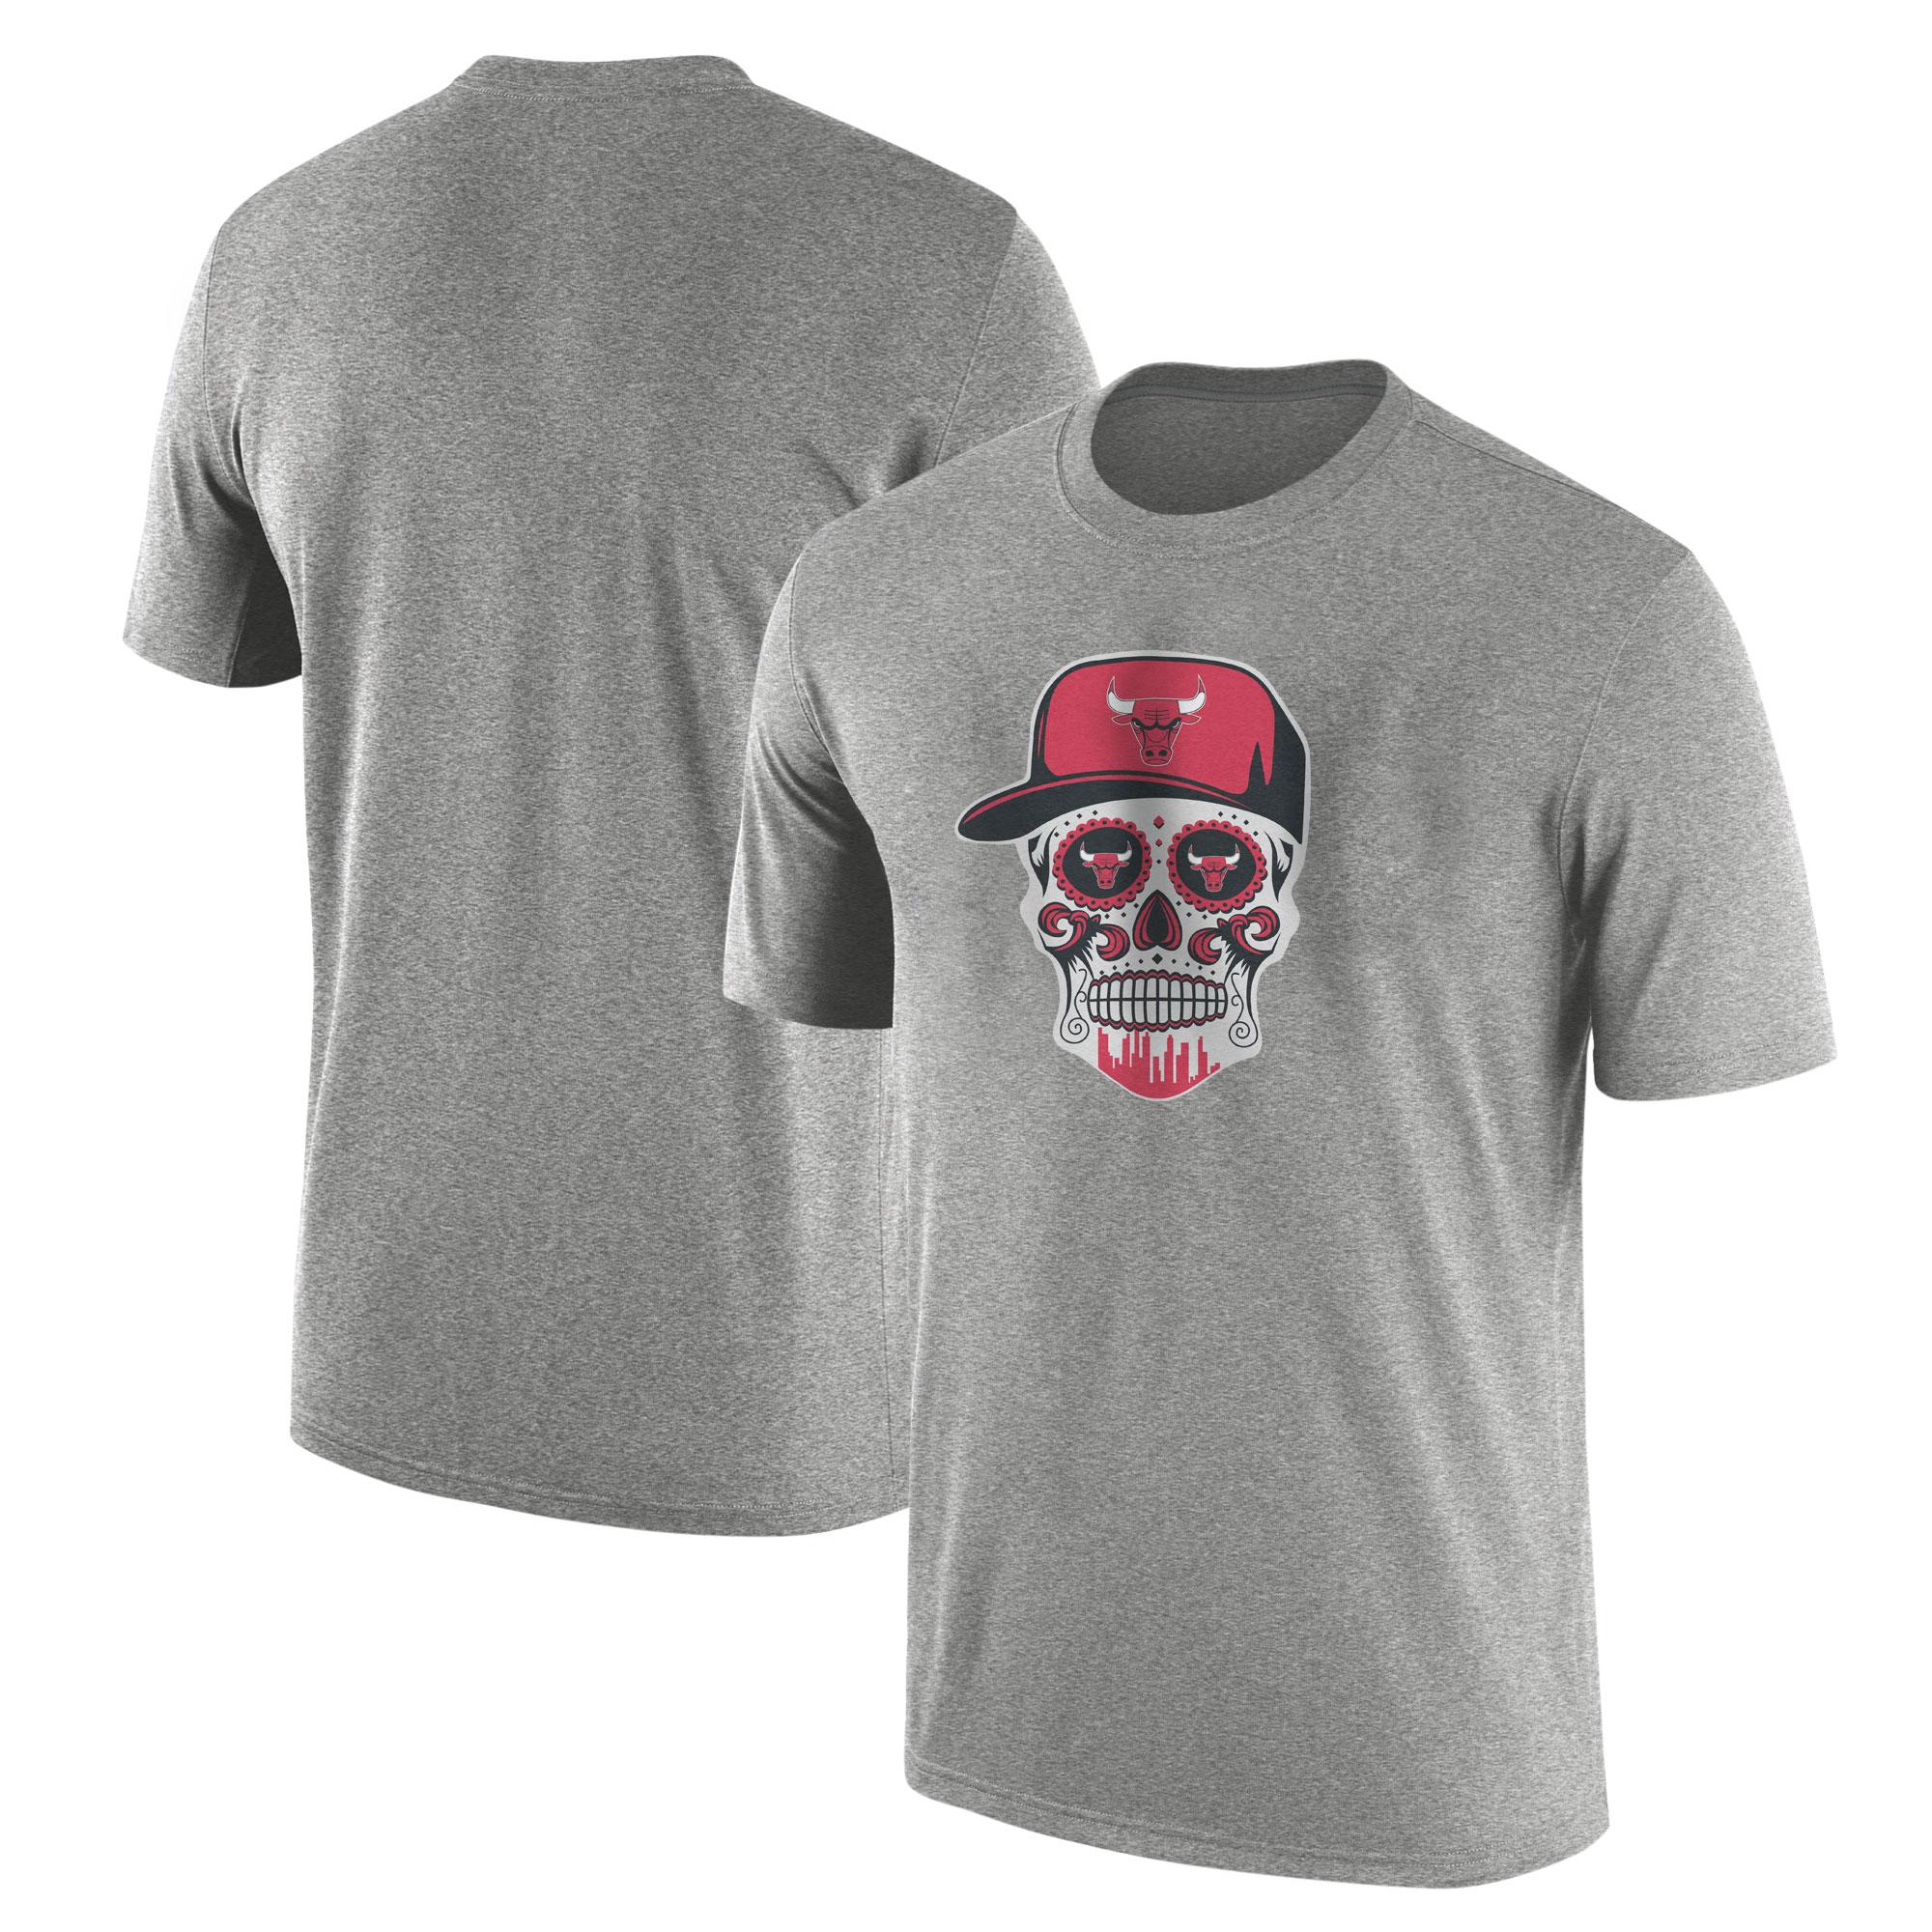 Bulls Skull Tshirt (TSH-GRY-NP-447-BULLS-SKULL)